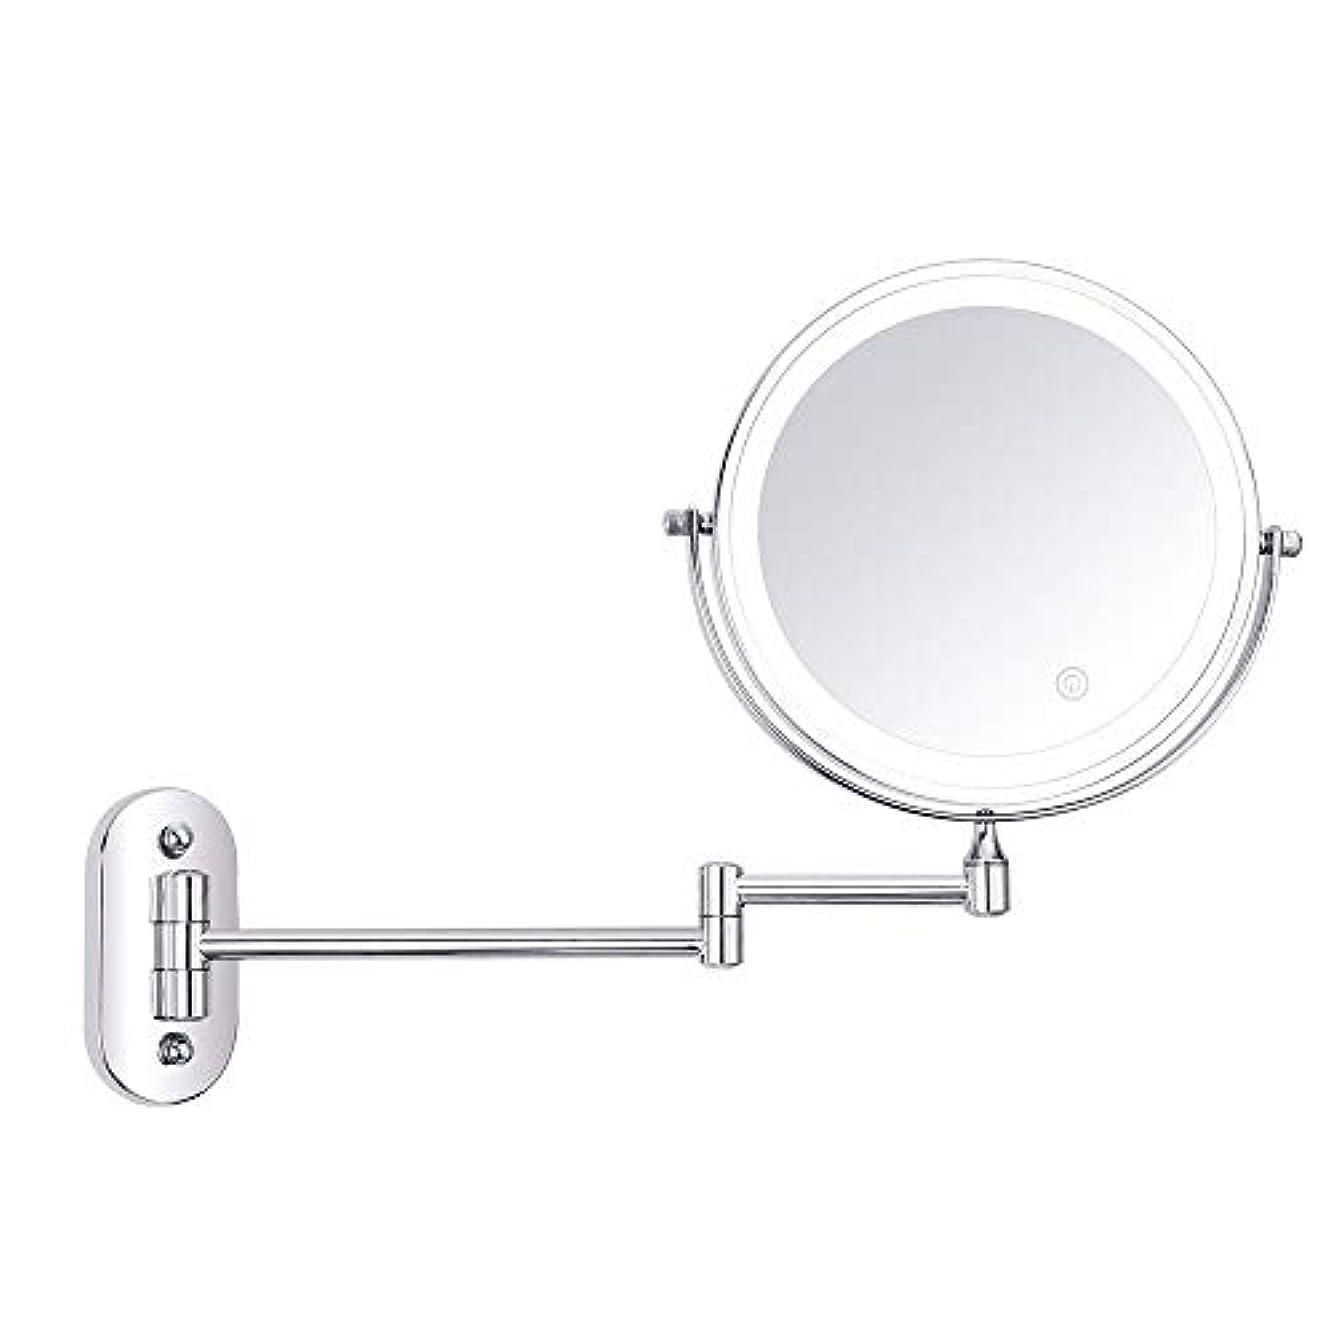 パイプ時間調停者化粧鏡 LED照明壁掛け化粧鏡3倍/ 5倍/ 7倍/ 10倍倍率8インチ両面回転タッチスクリーンバニティミラー拡張可能 浴室のシャワー旅行 (色 : 銀, サイズ : 10X)